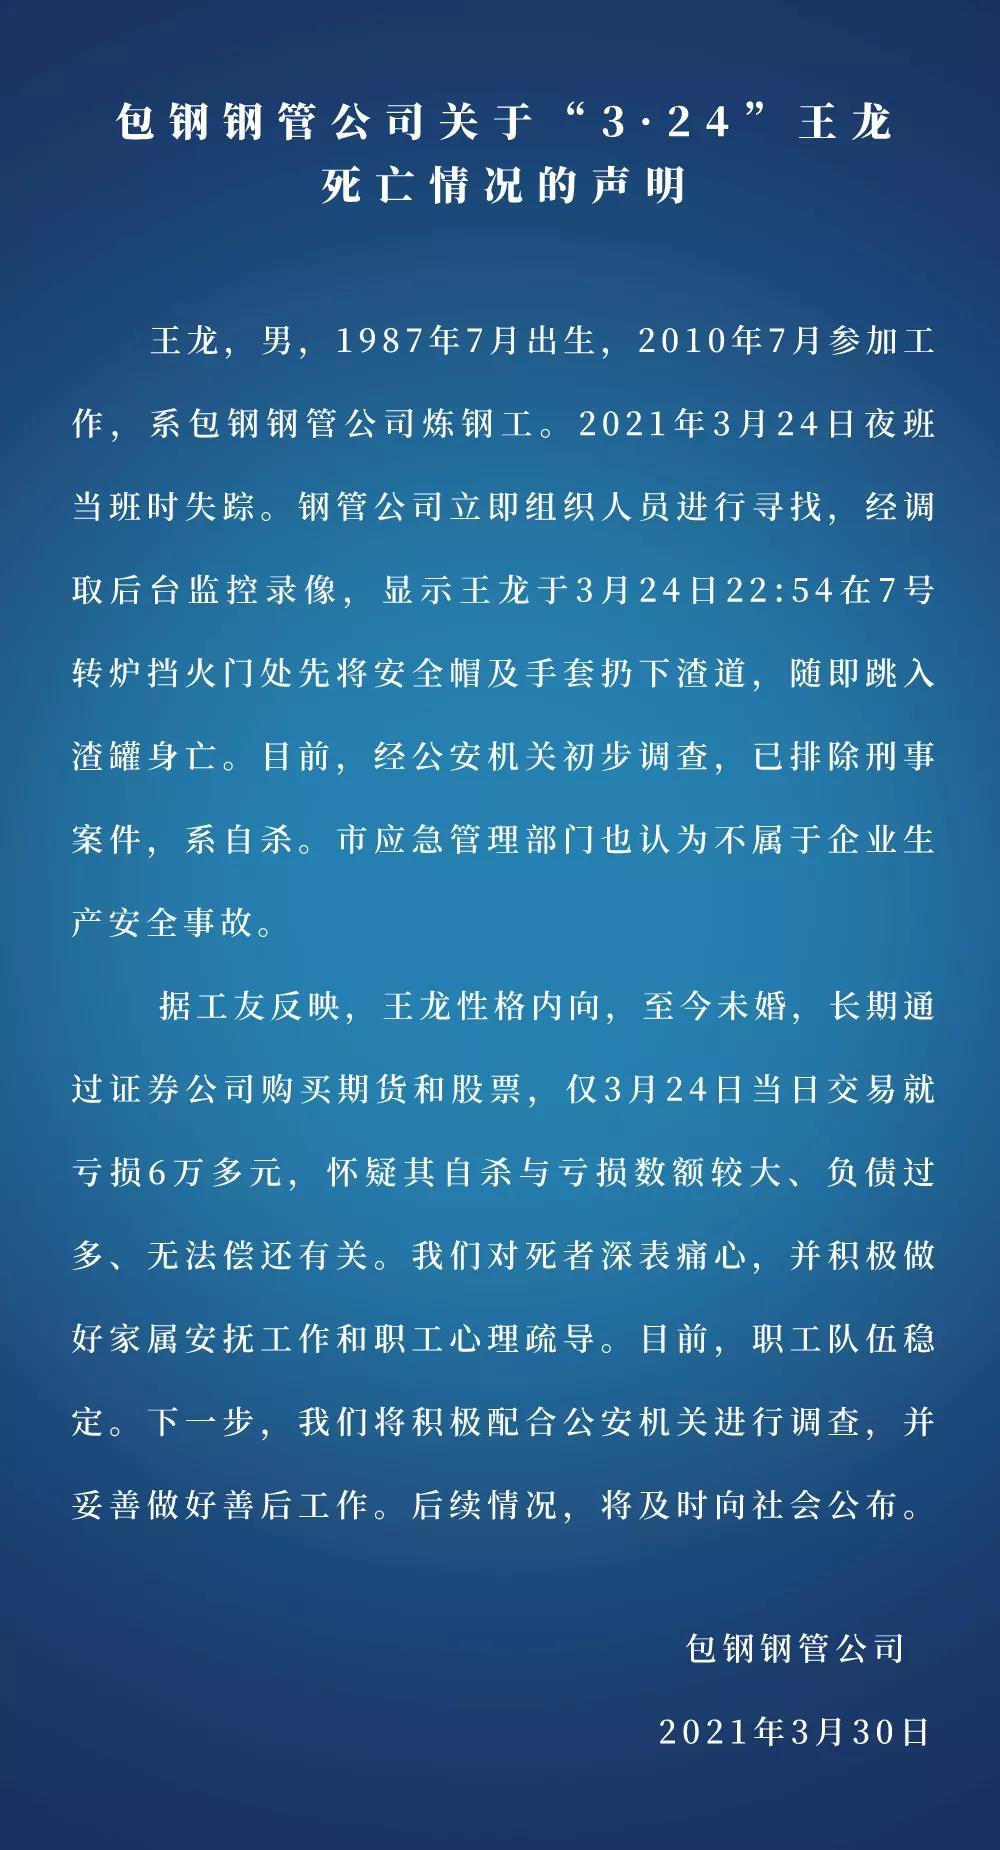 """包钢钢管公司关于""""3·24""""王龙死亡情况的声明"""